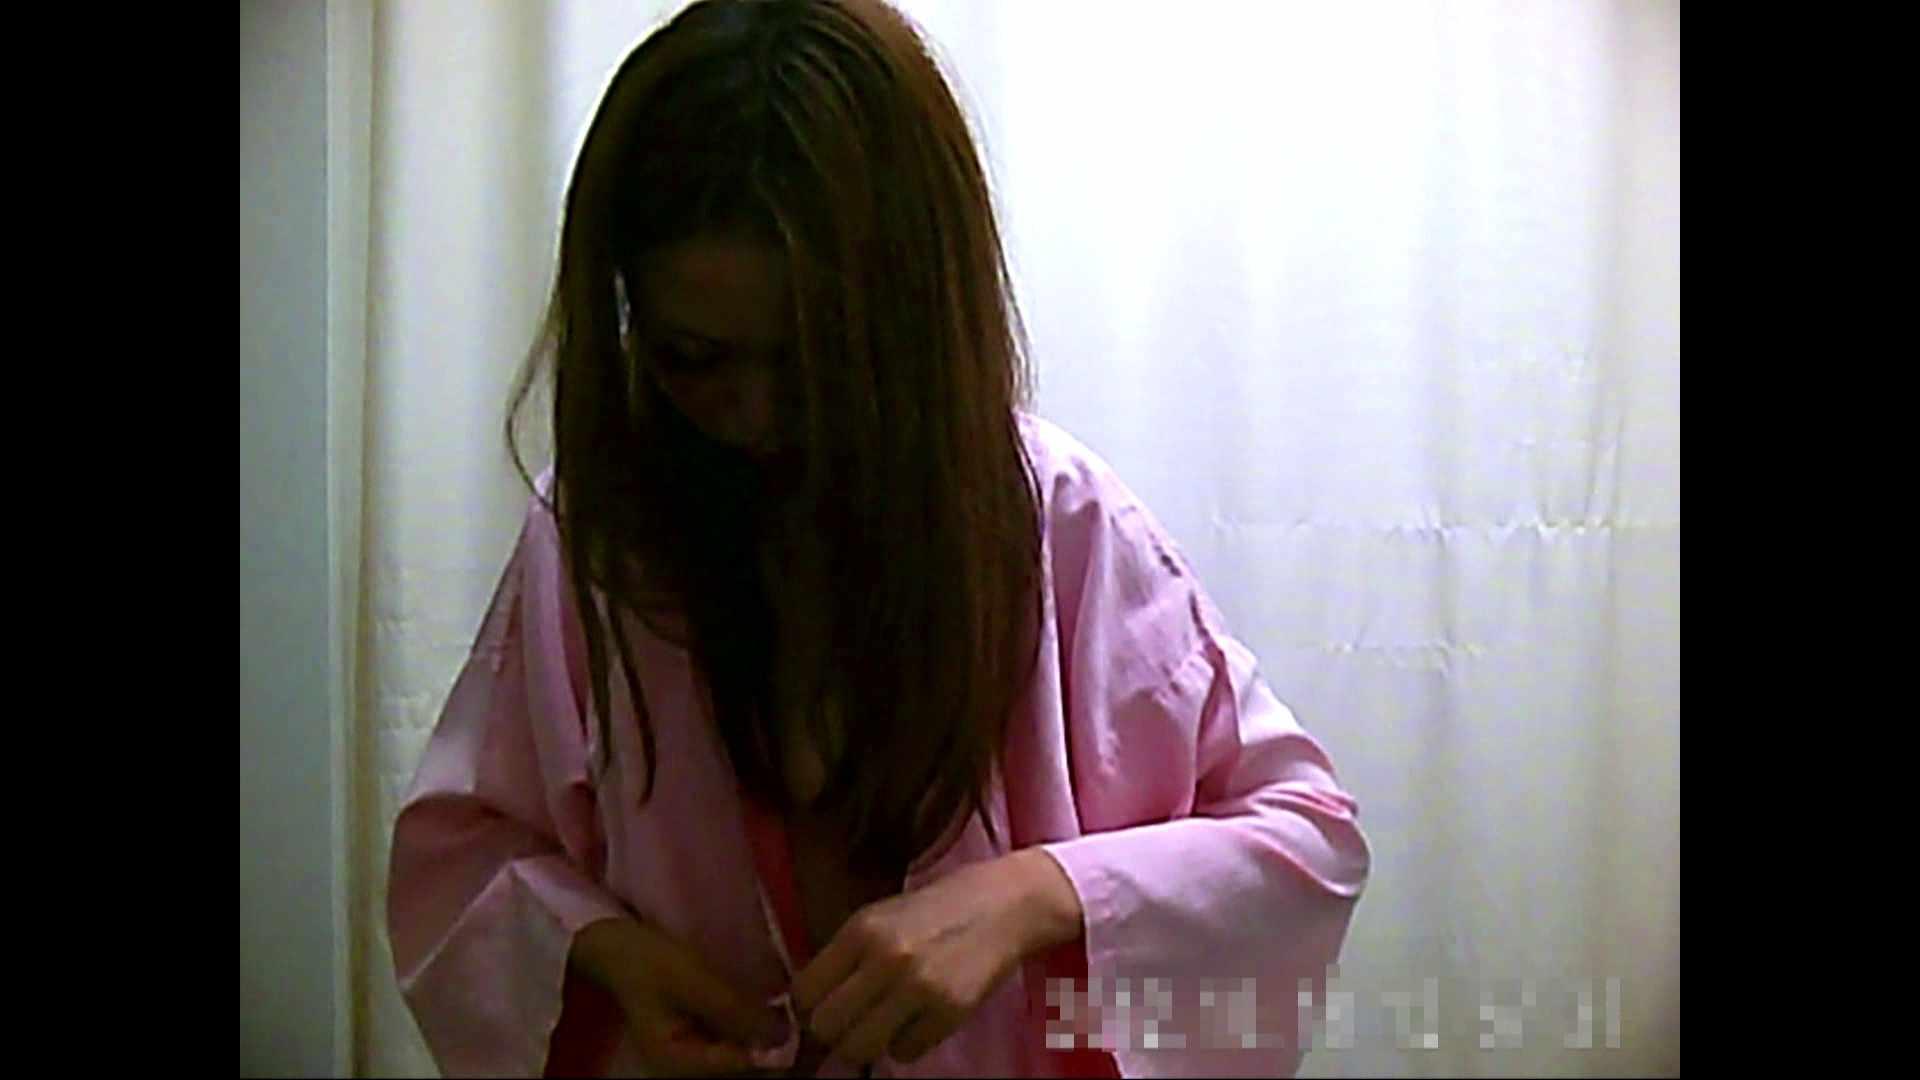 元医者による反抗 更衣室地獄絵巻 vol.053 エッチなお姉さん  49画像 48